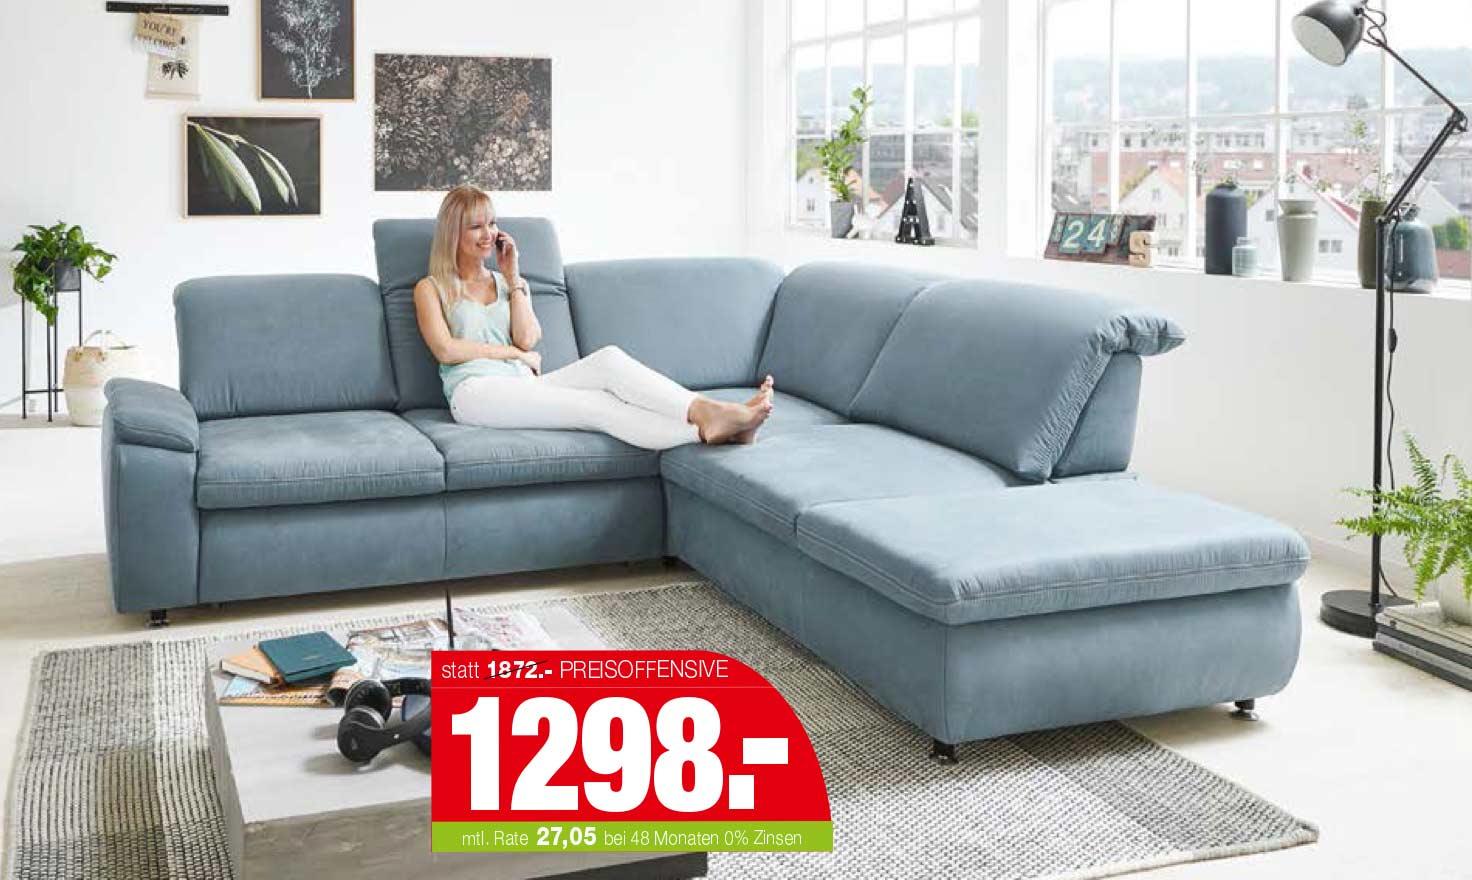 Full Size of Sofa Garnitur 2 Teilig Und Couch Zum Besten Preis Kaufen Company In Paderborn Bett Sonoma Eiche 140x200 Modernes 180x200 Weiß Betten 160x200 Innovation Berlin Sofa Sofa Garnitur 2 Teilig